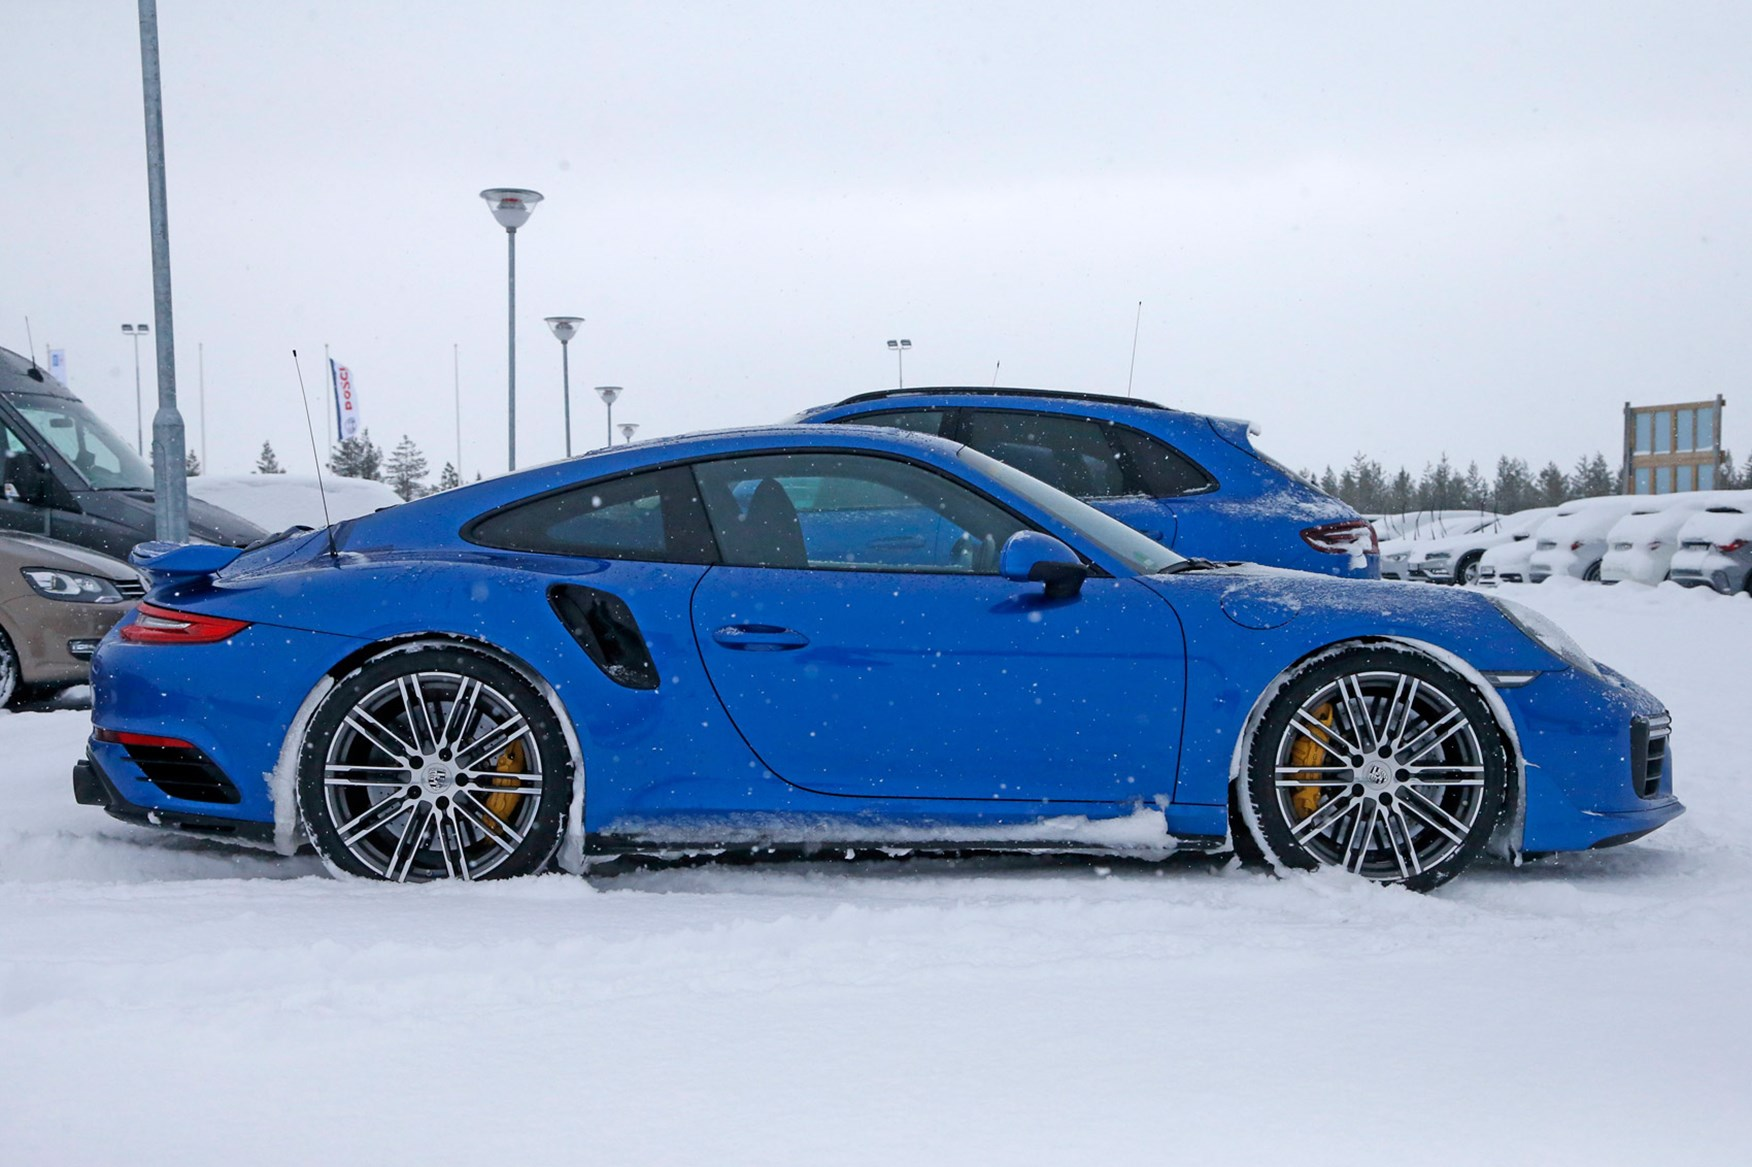 001-911gt3 Outstanding Porsche 911 Gt2 Hot Wheels Cars Trend